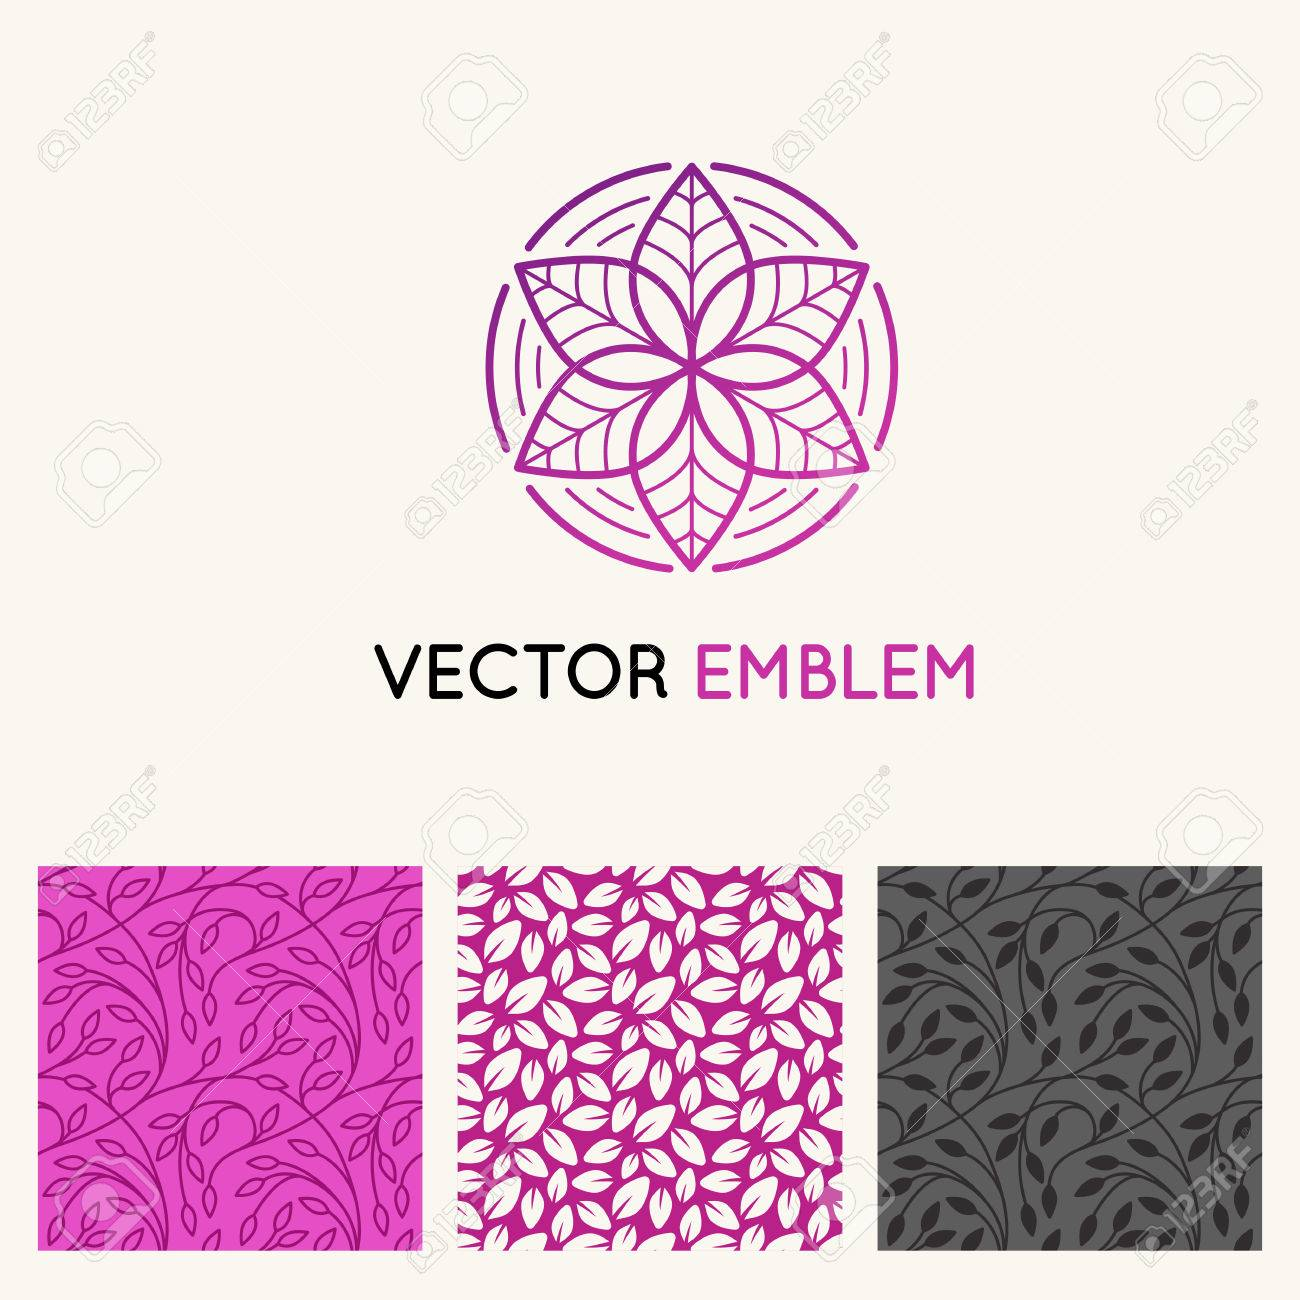 Vector conjunto de plantillas de diseño, patrones de costura y fondos para  la identidad, tarjetas de presentación y envasado - Tiendas de flores, ...